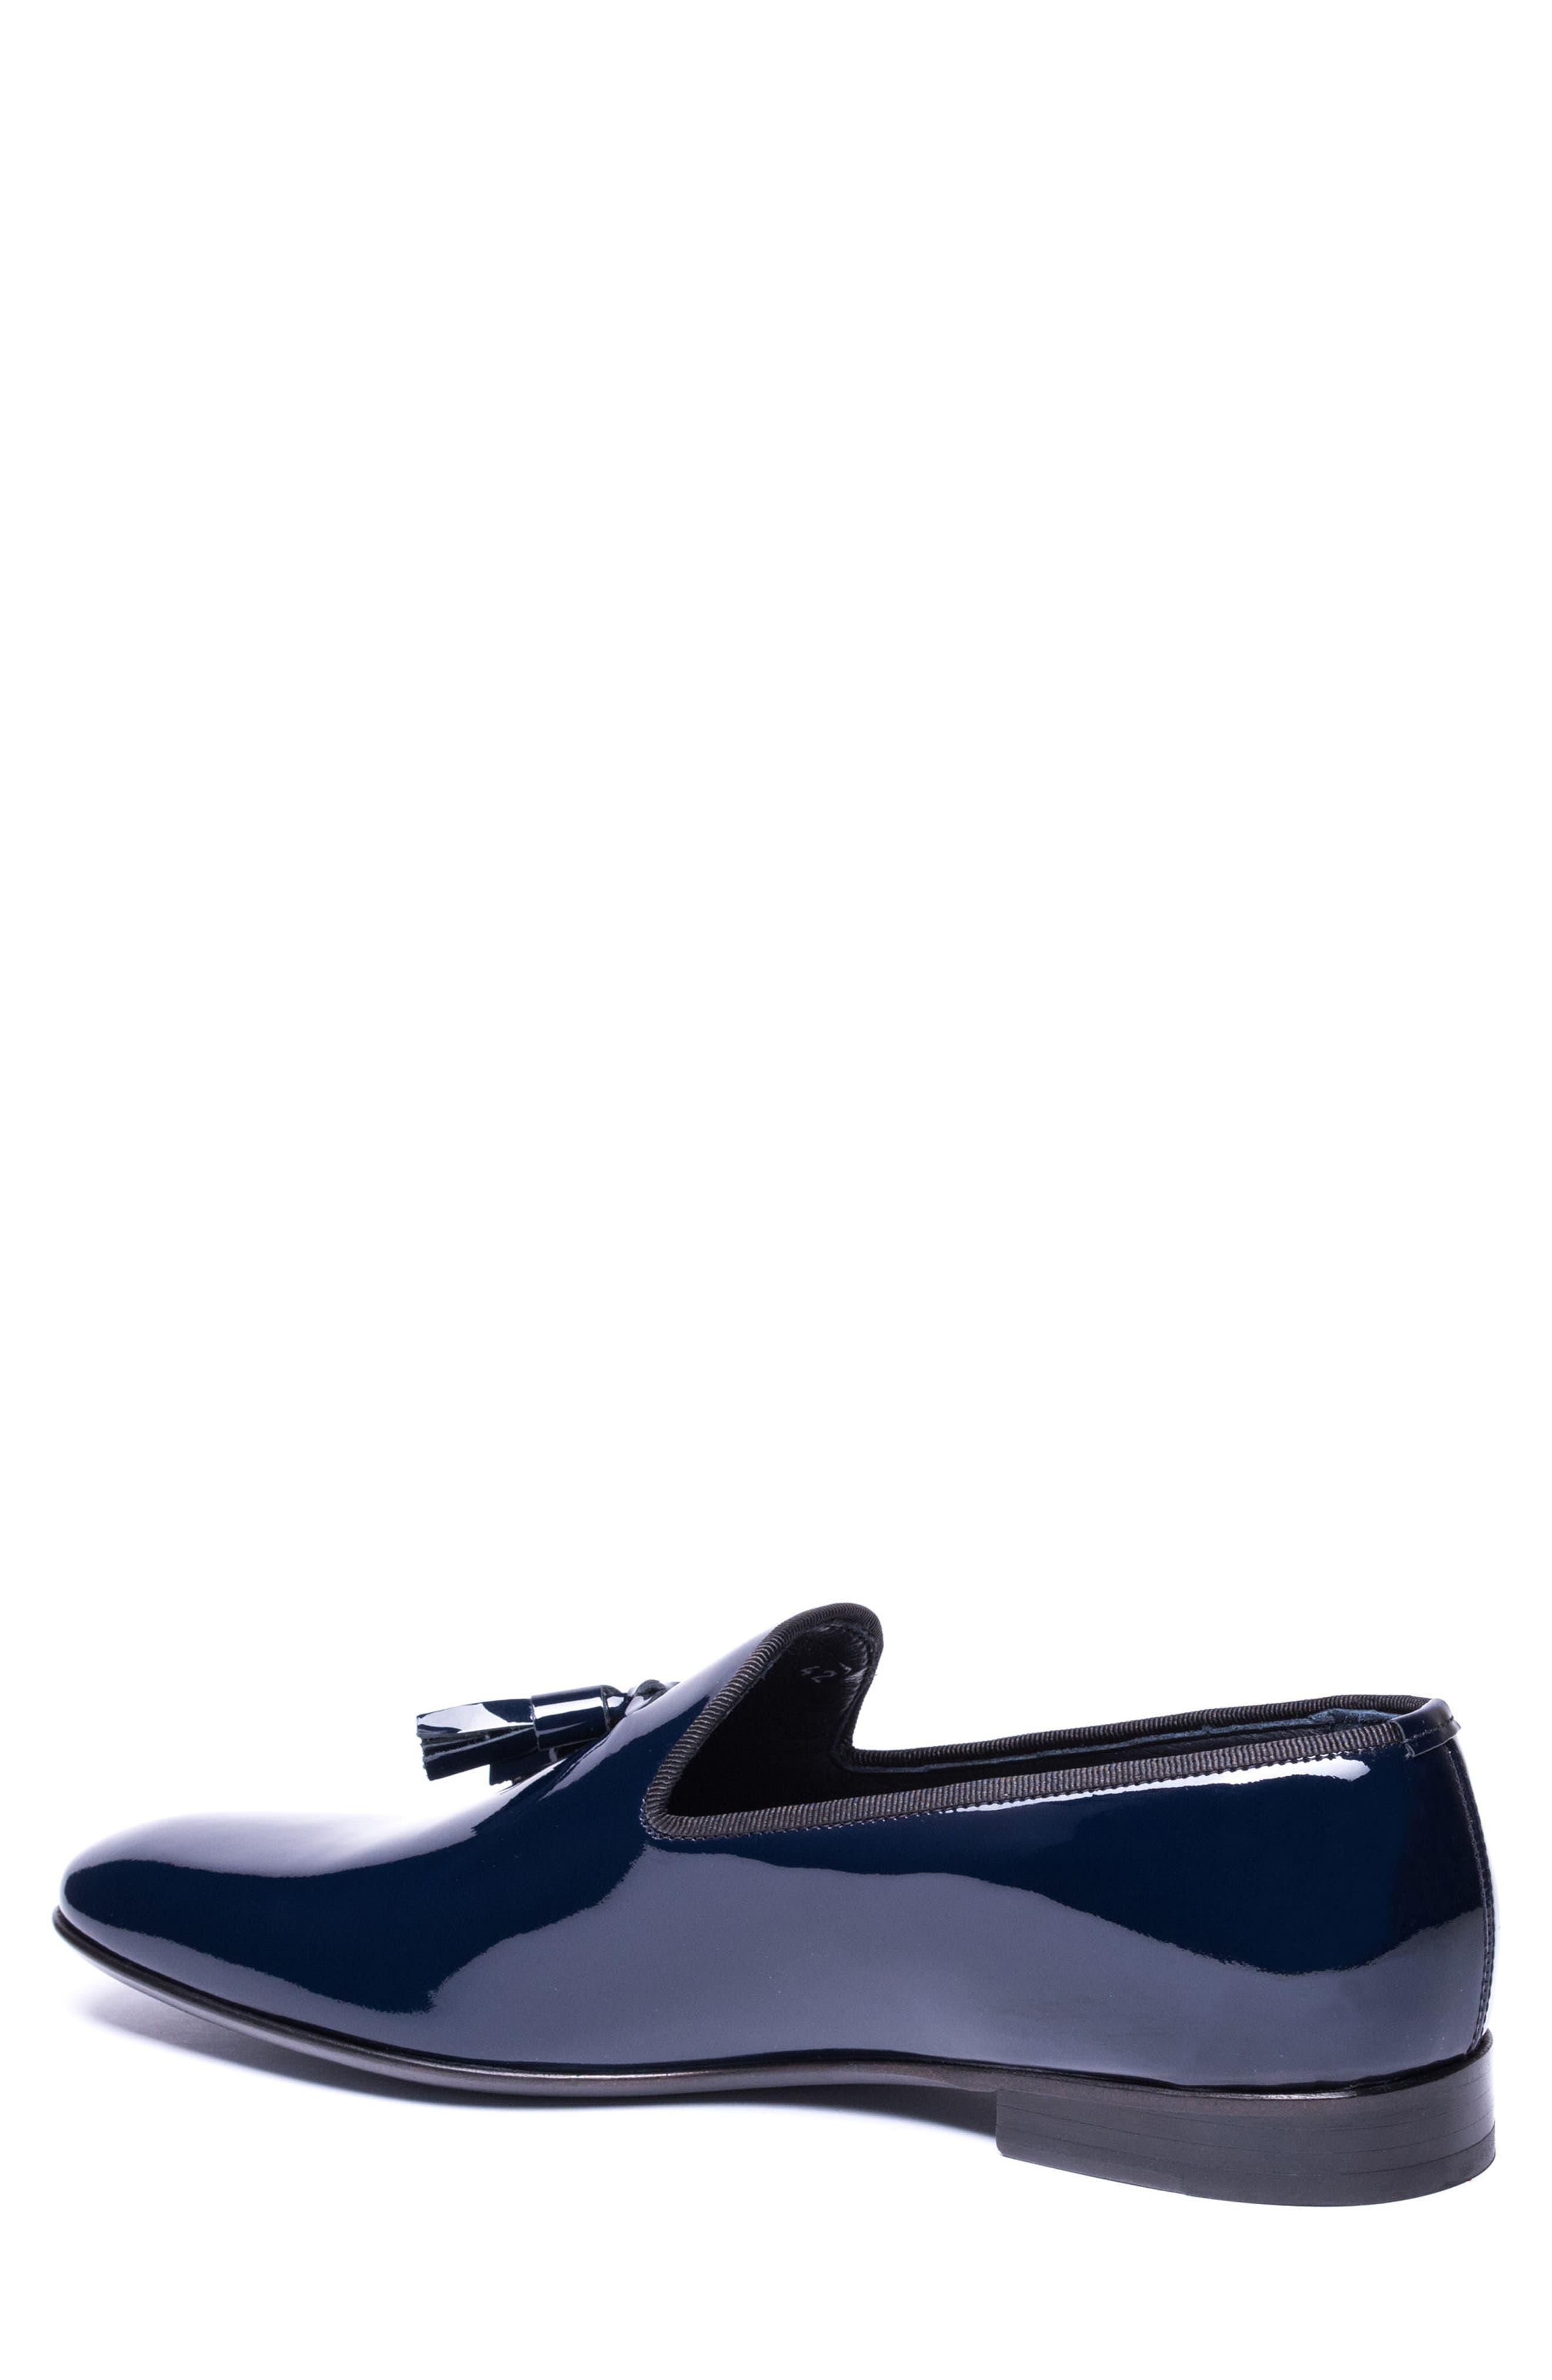 Enzo Tasseled Venetian Loafer,                             Alternate thumbnail 2, color,                             Navy Leather